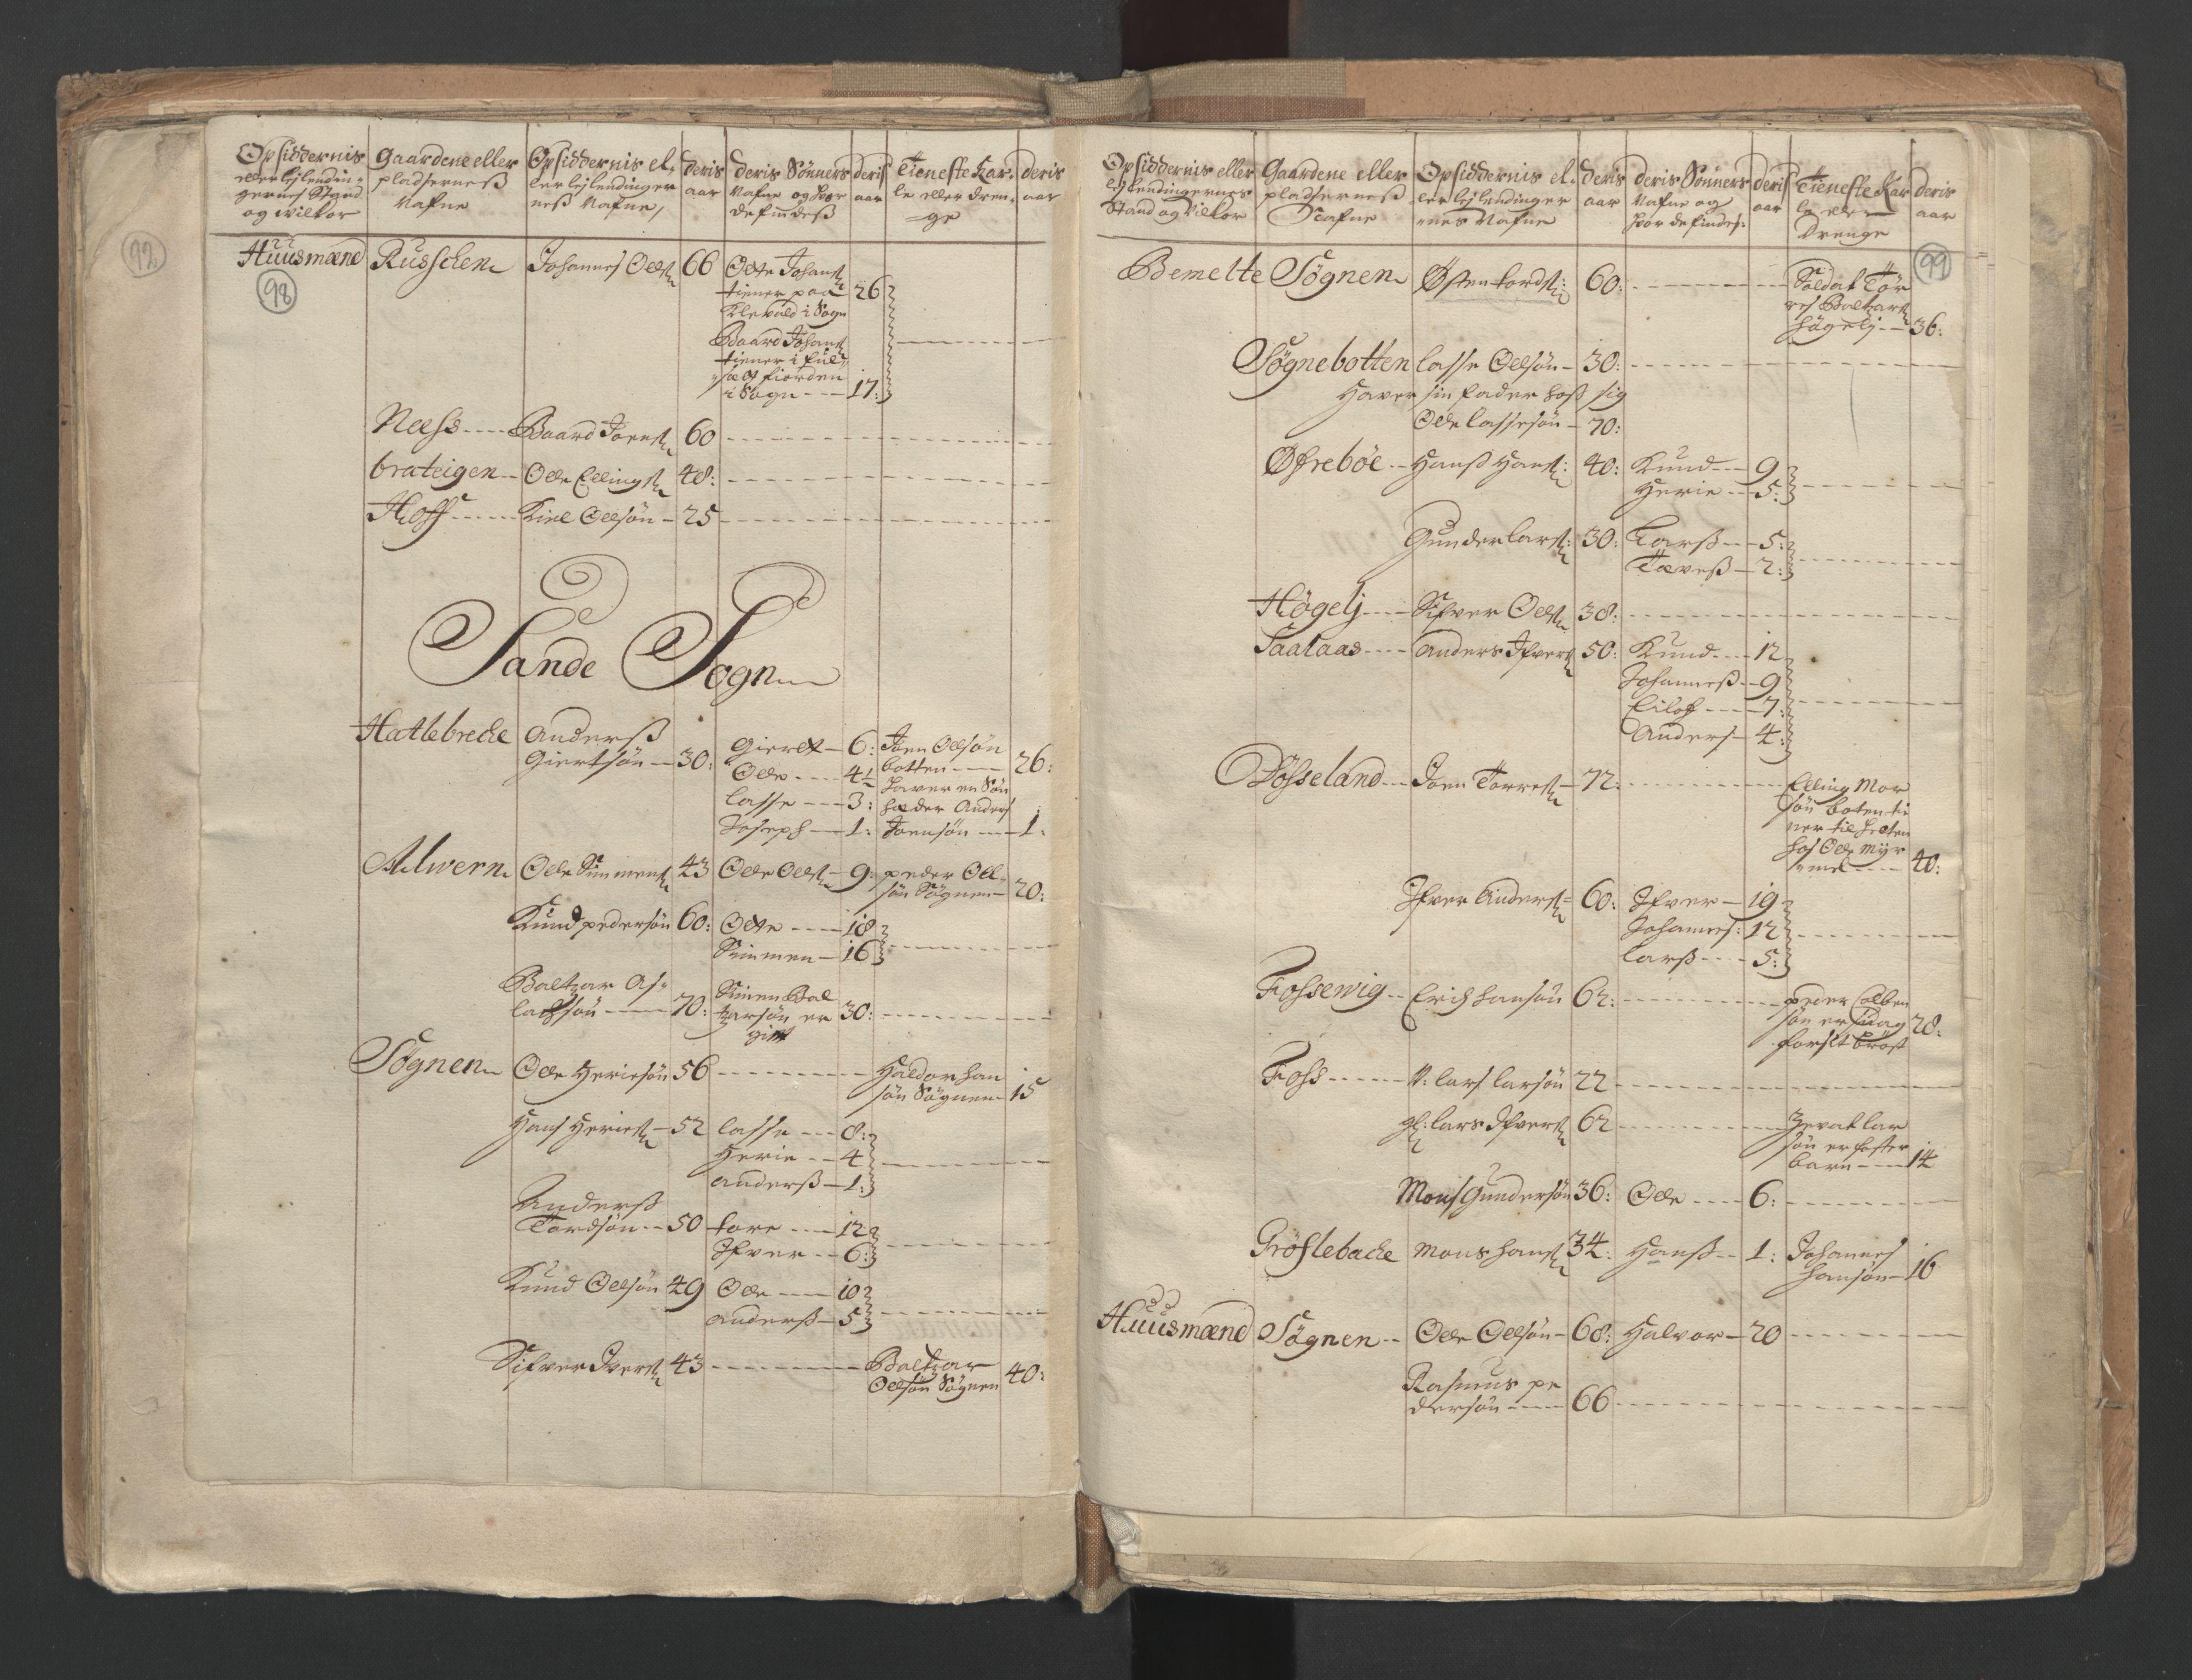 RA, Manntallet 1701, nr. 9: Sunnfjord fogderi, Nordfjord fogderi og Svanø birk, 1701, s. 98-99